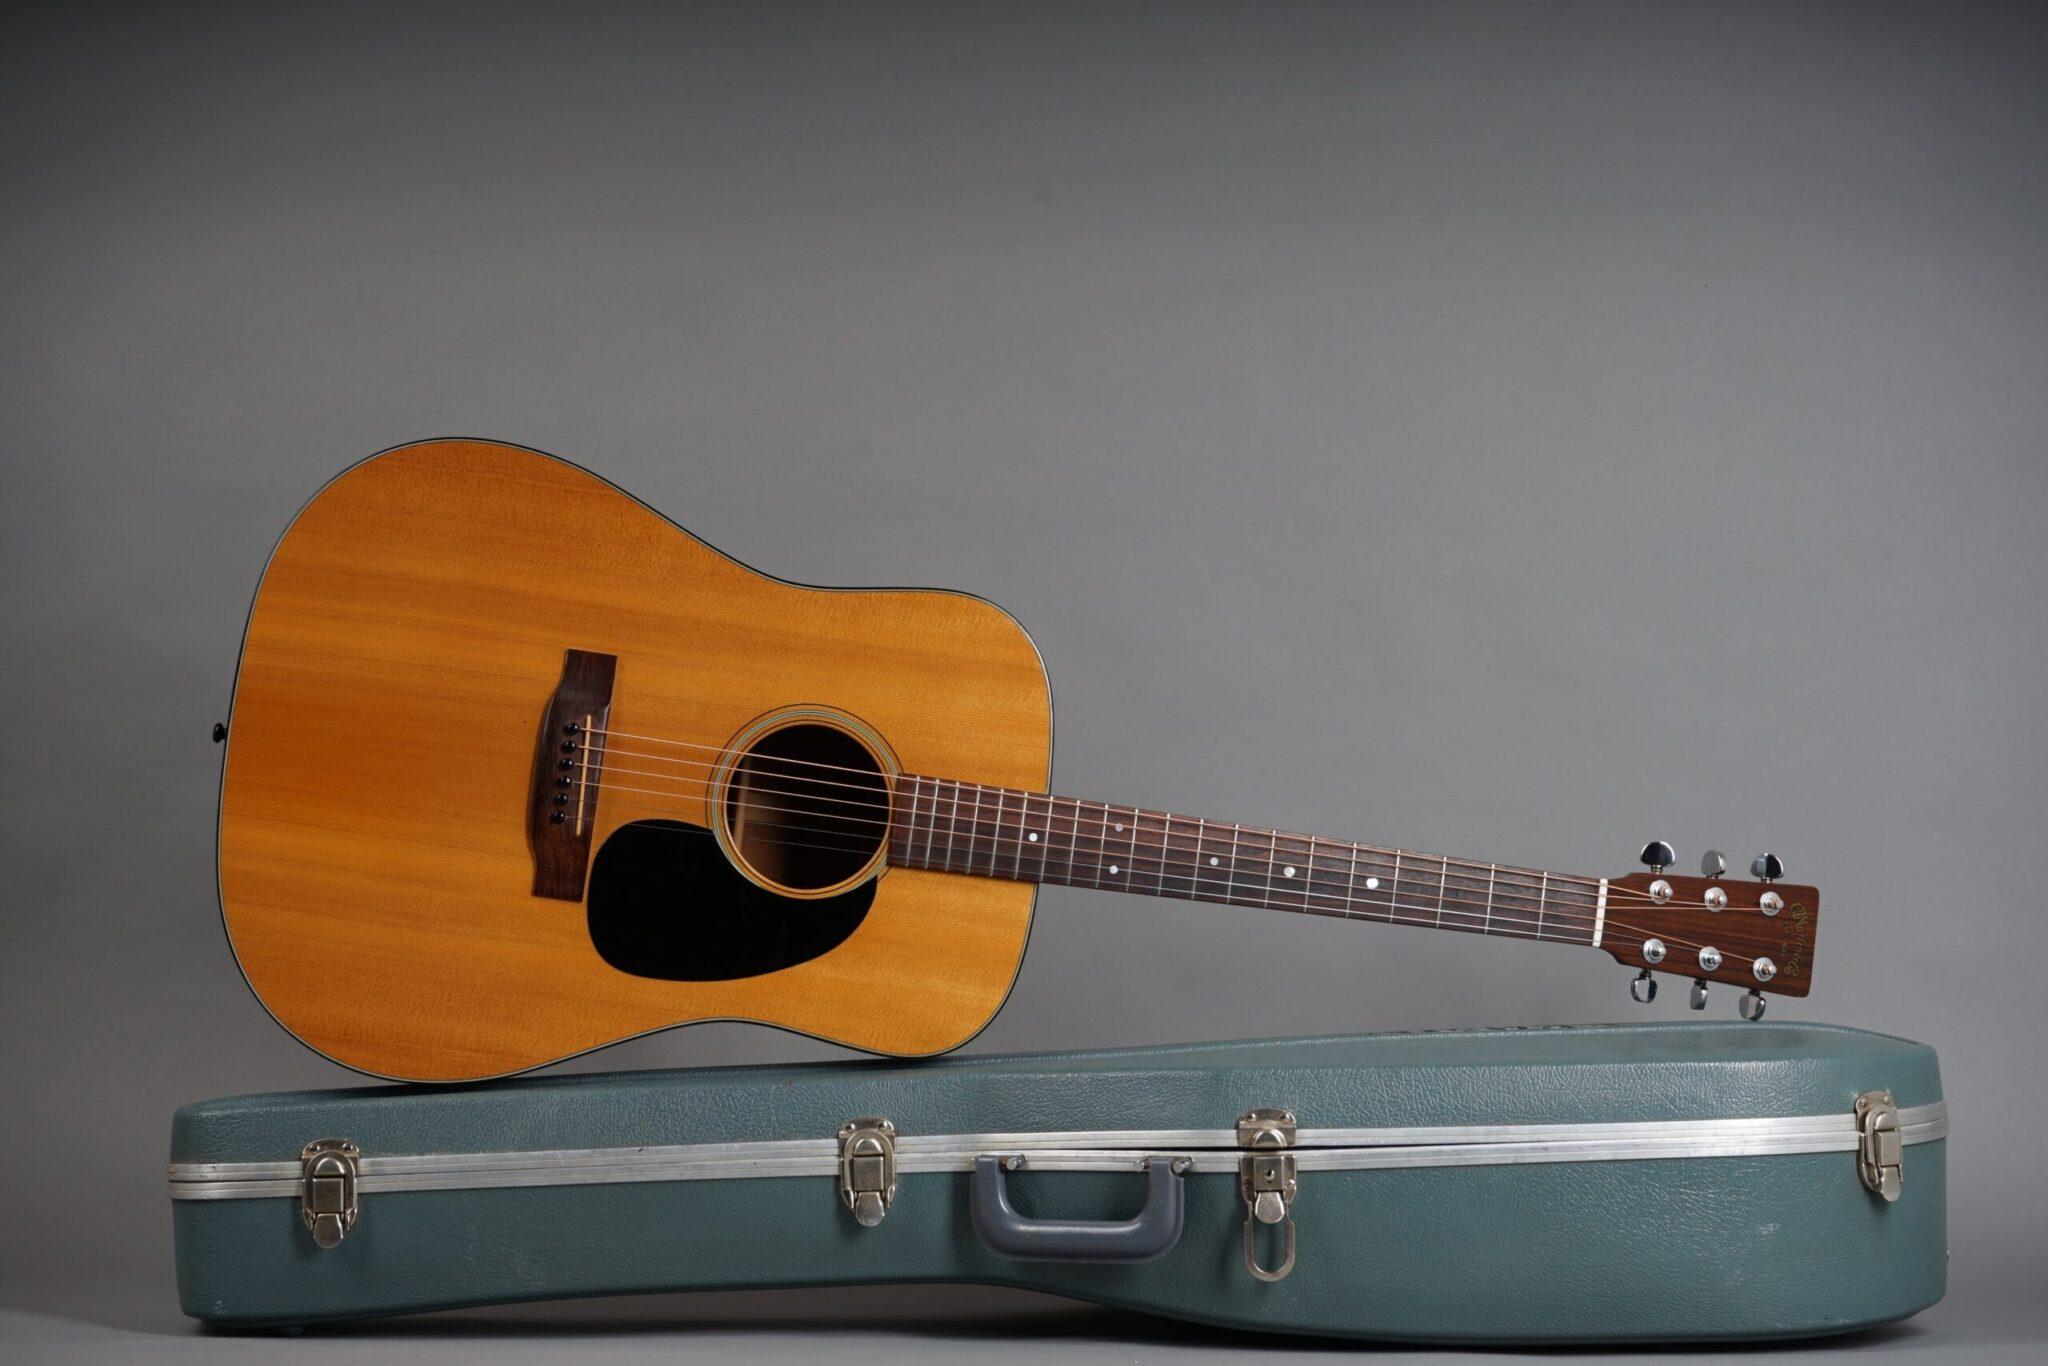 https://guitarpoint.de/app/uploads/products/1974-martin-d-18-natural/1974-Martin-D-18-Natural-345821-20-min-scaled-2048x1366.jpg